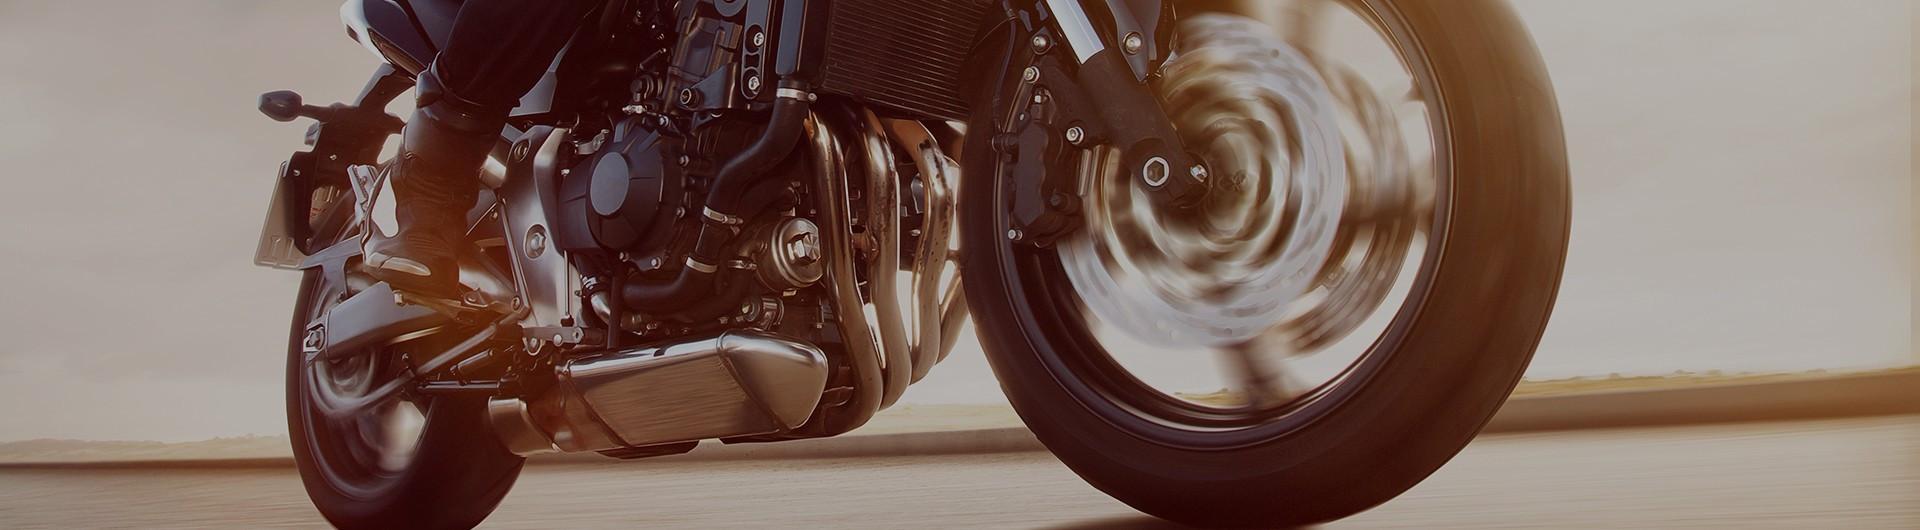 Motoczęści24h - Opony i felgi do motocykli, skuterów i quadów